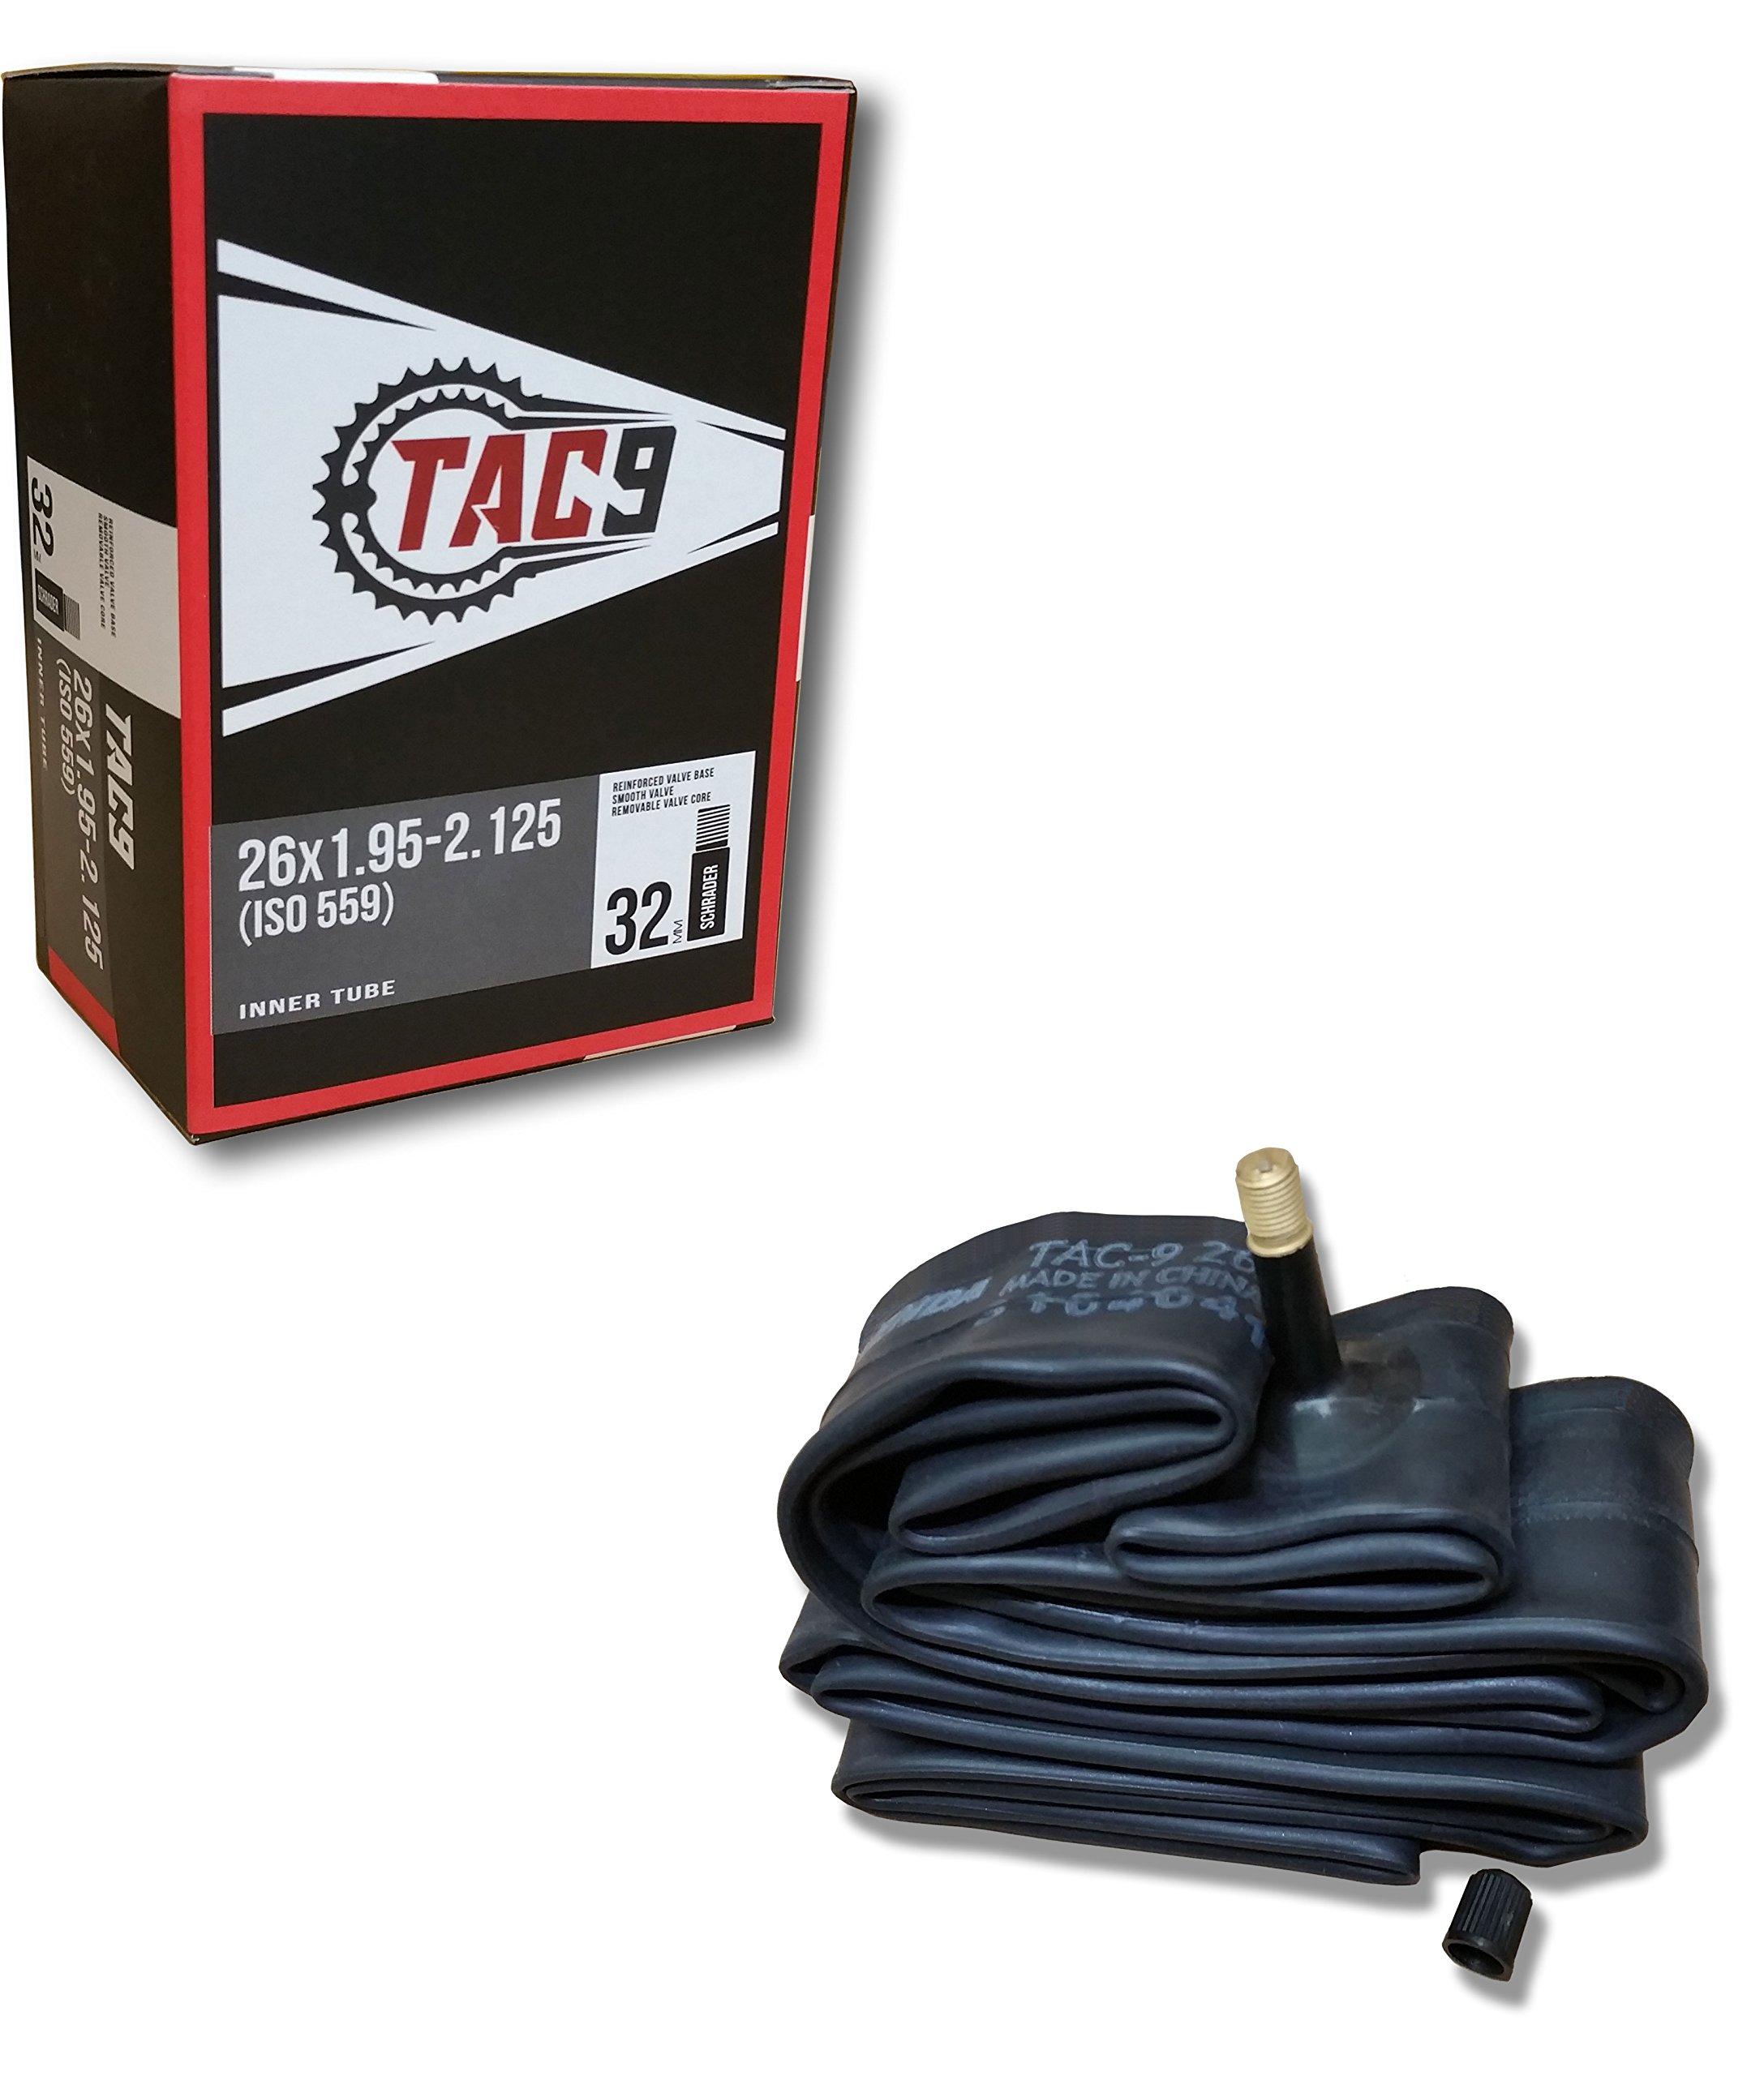 TAC 9 Bike Tubes, 26 x 1.95-2.125'' Regular Valve 32mm - ONE Tube ONLY Bundle by TAC 9